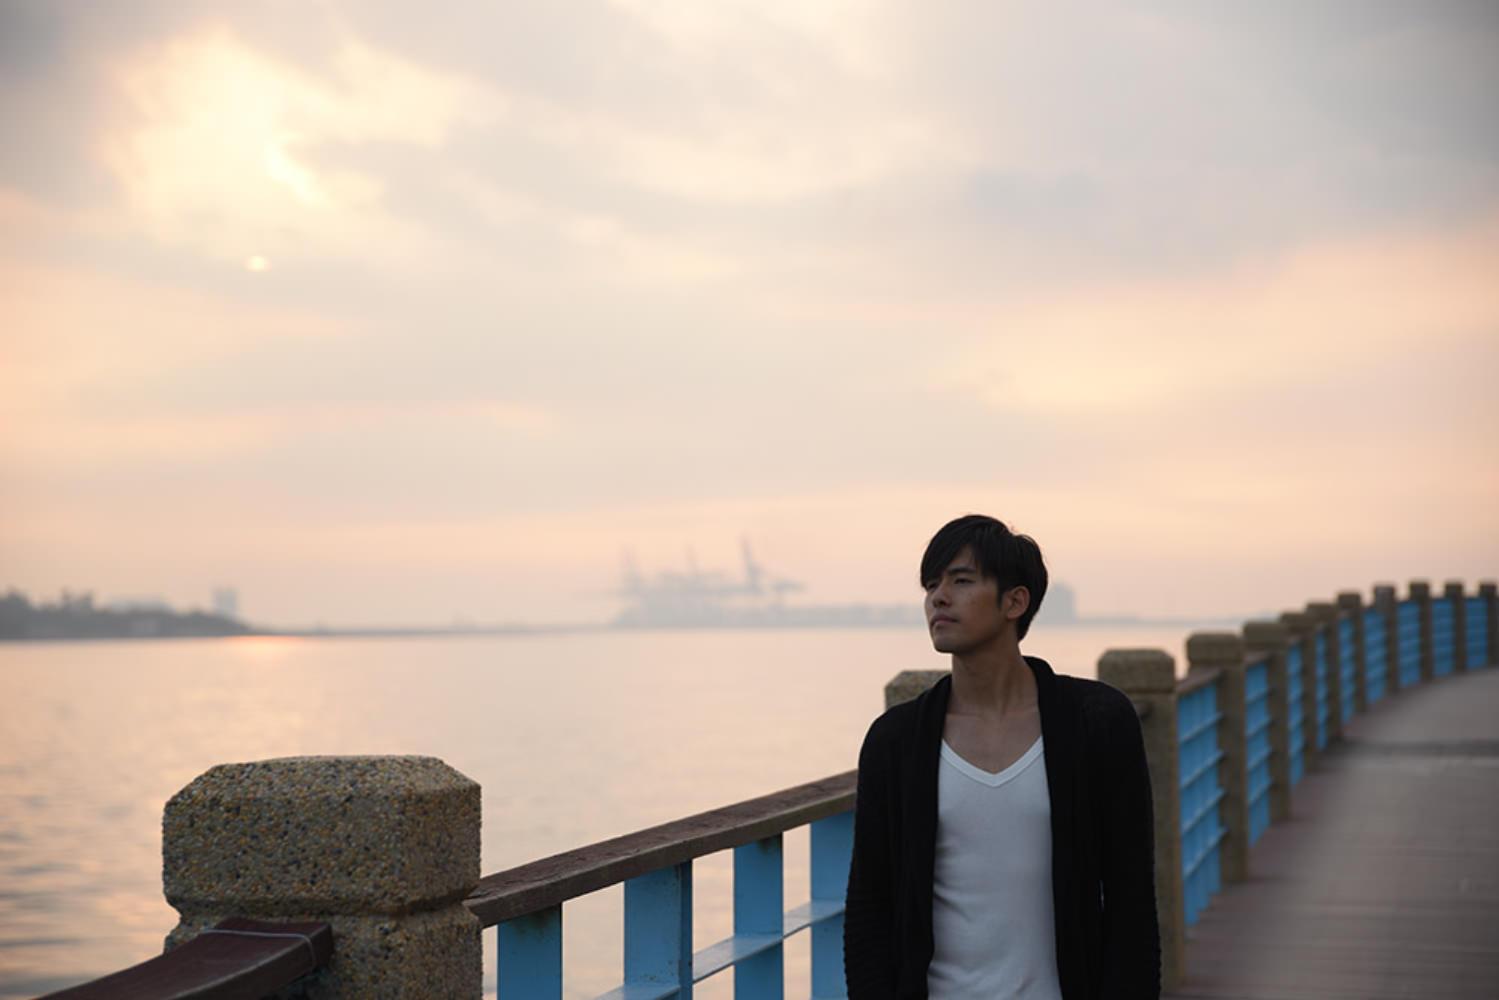 ネスレ日本 株式会社/Sony Music Labels<br>KIT MUSIC K「あの雲の向こう側」MV